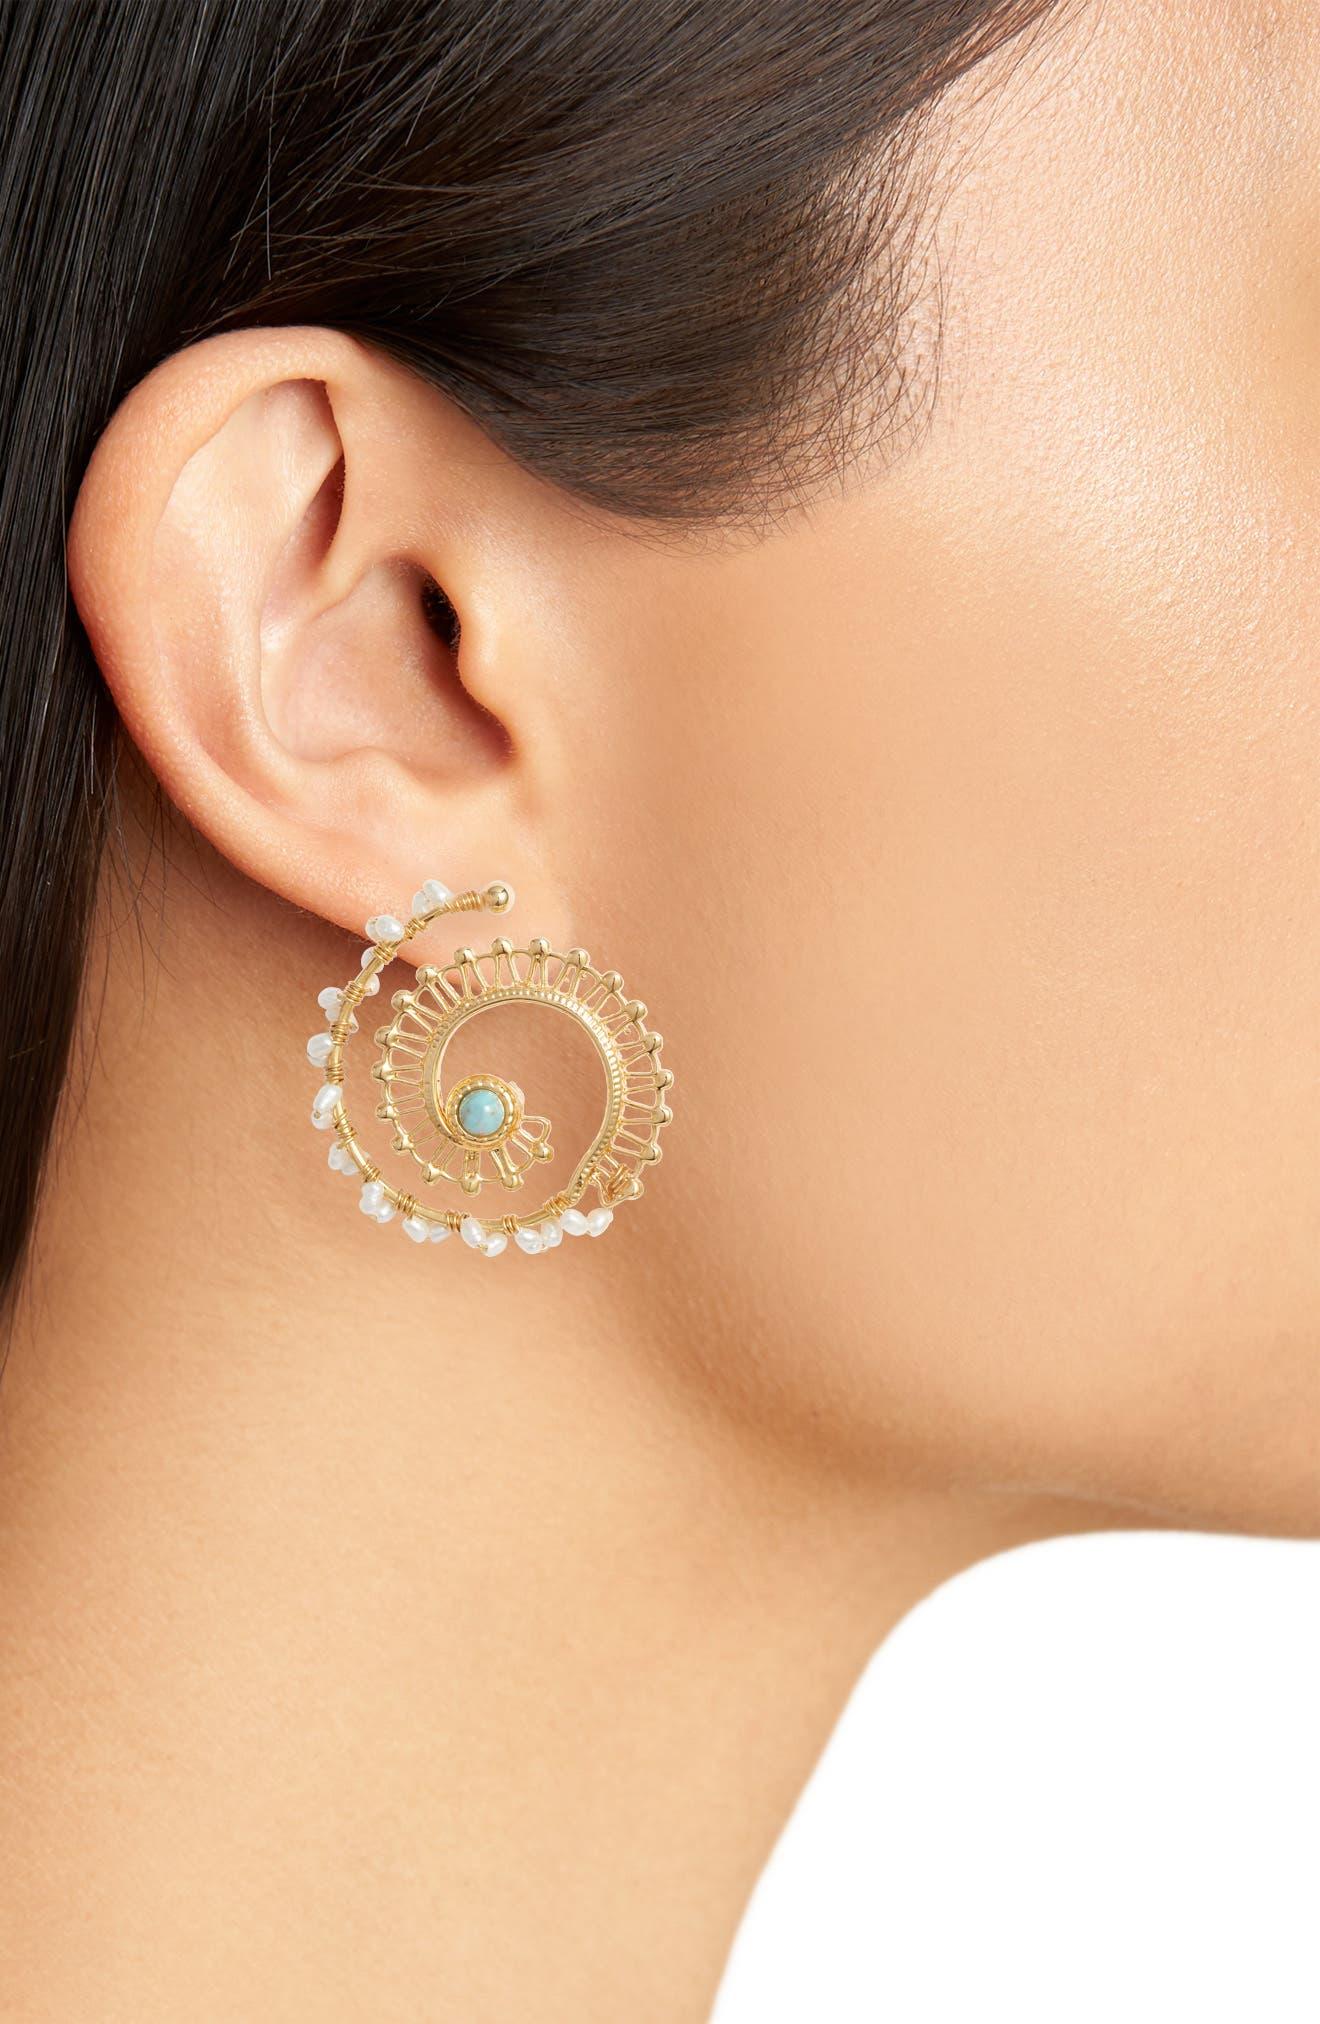 Calliope Earring,                             Alternate thumbnail 2, color,                             WHITE